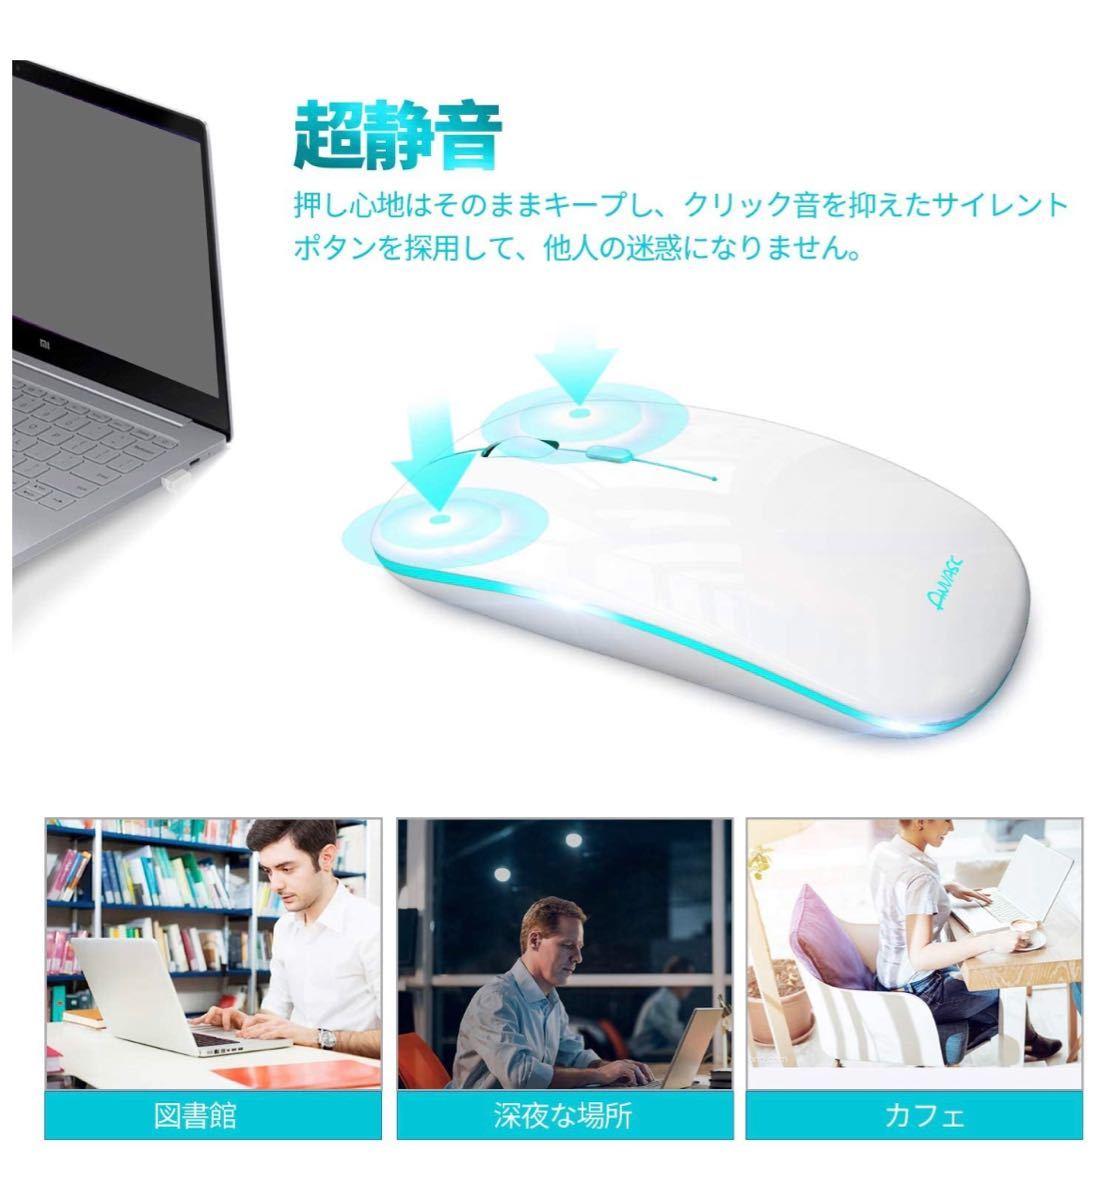 ワイヤレスマウス 無線マウス 静音 軽量 超薄型 USB 充電式 7色ライト